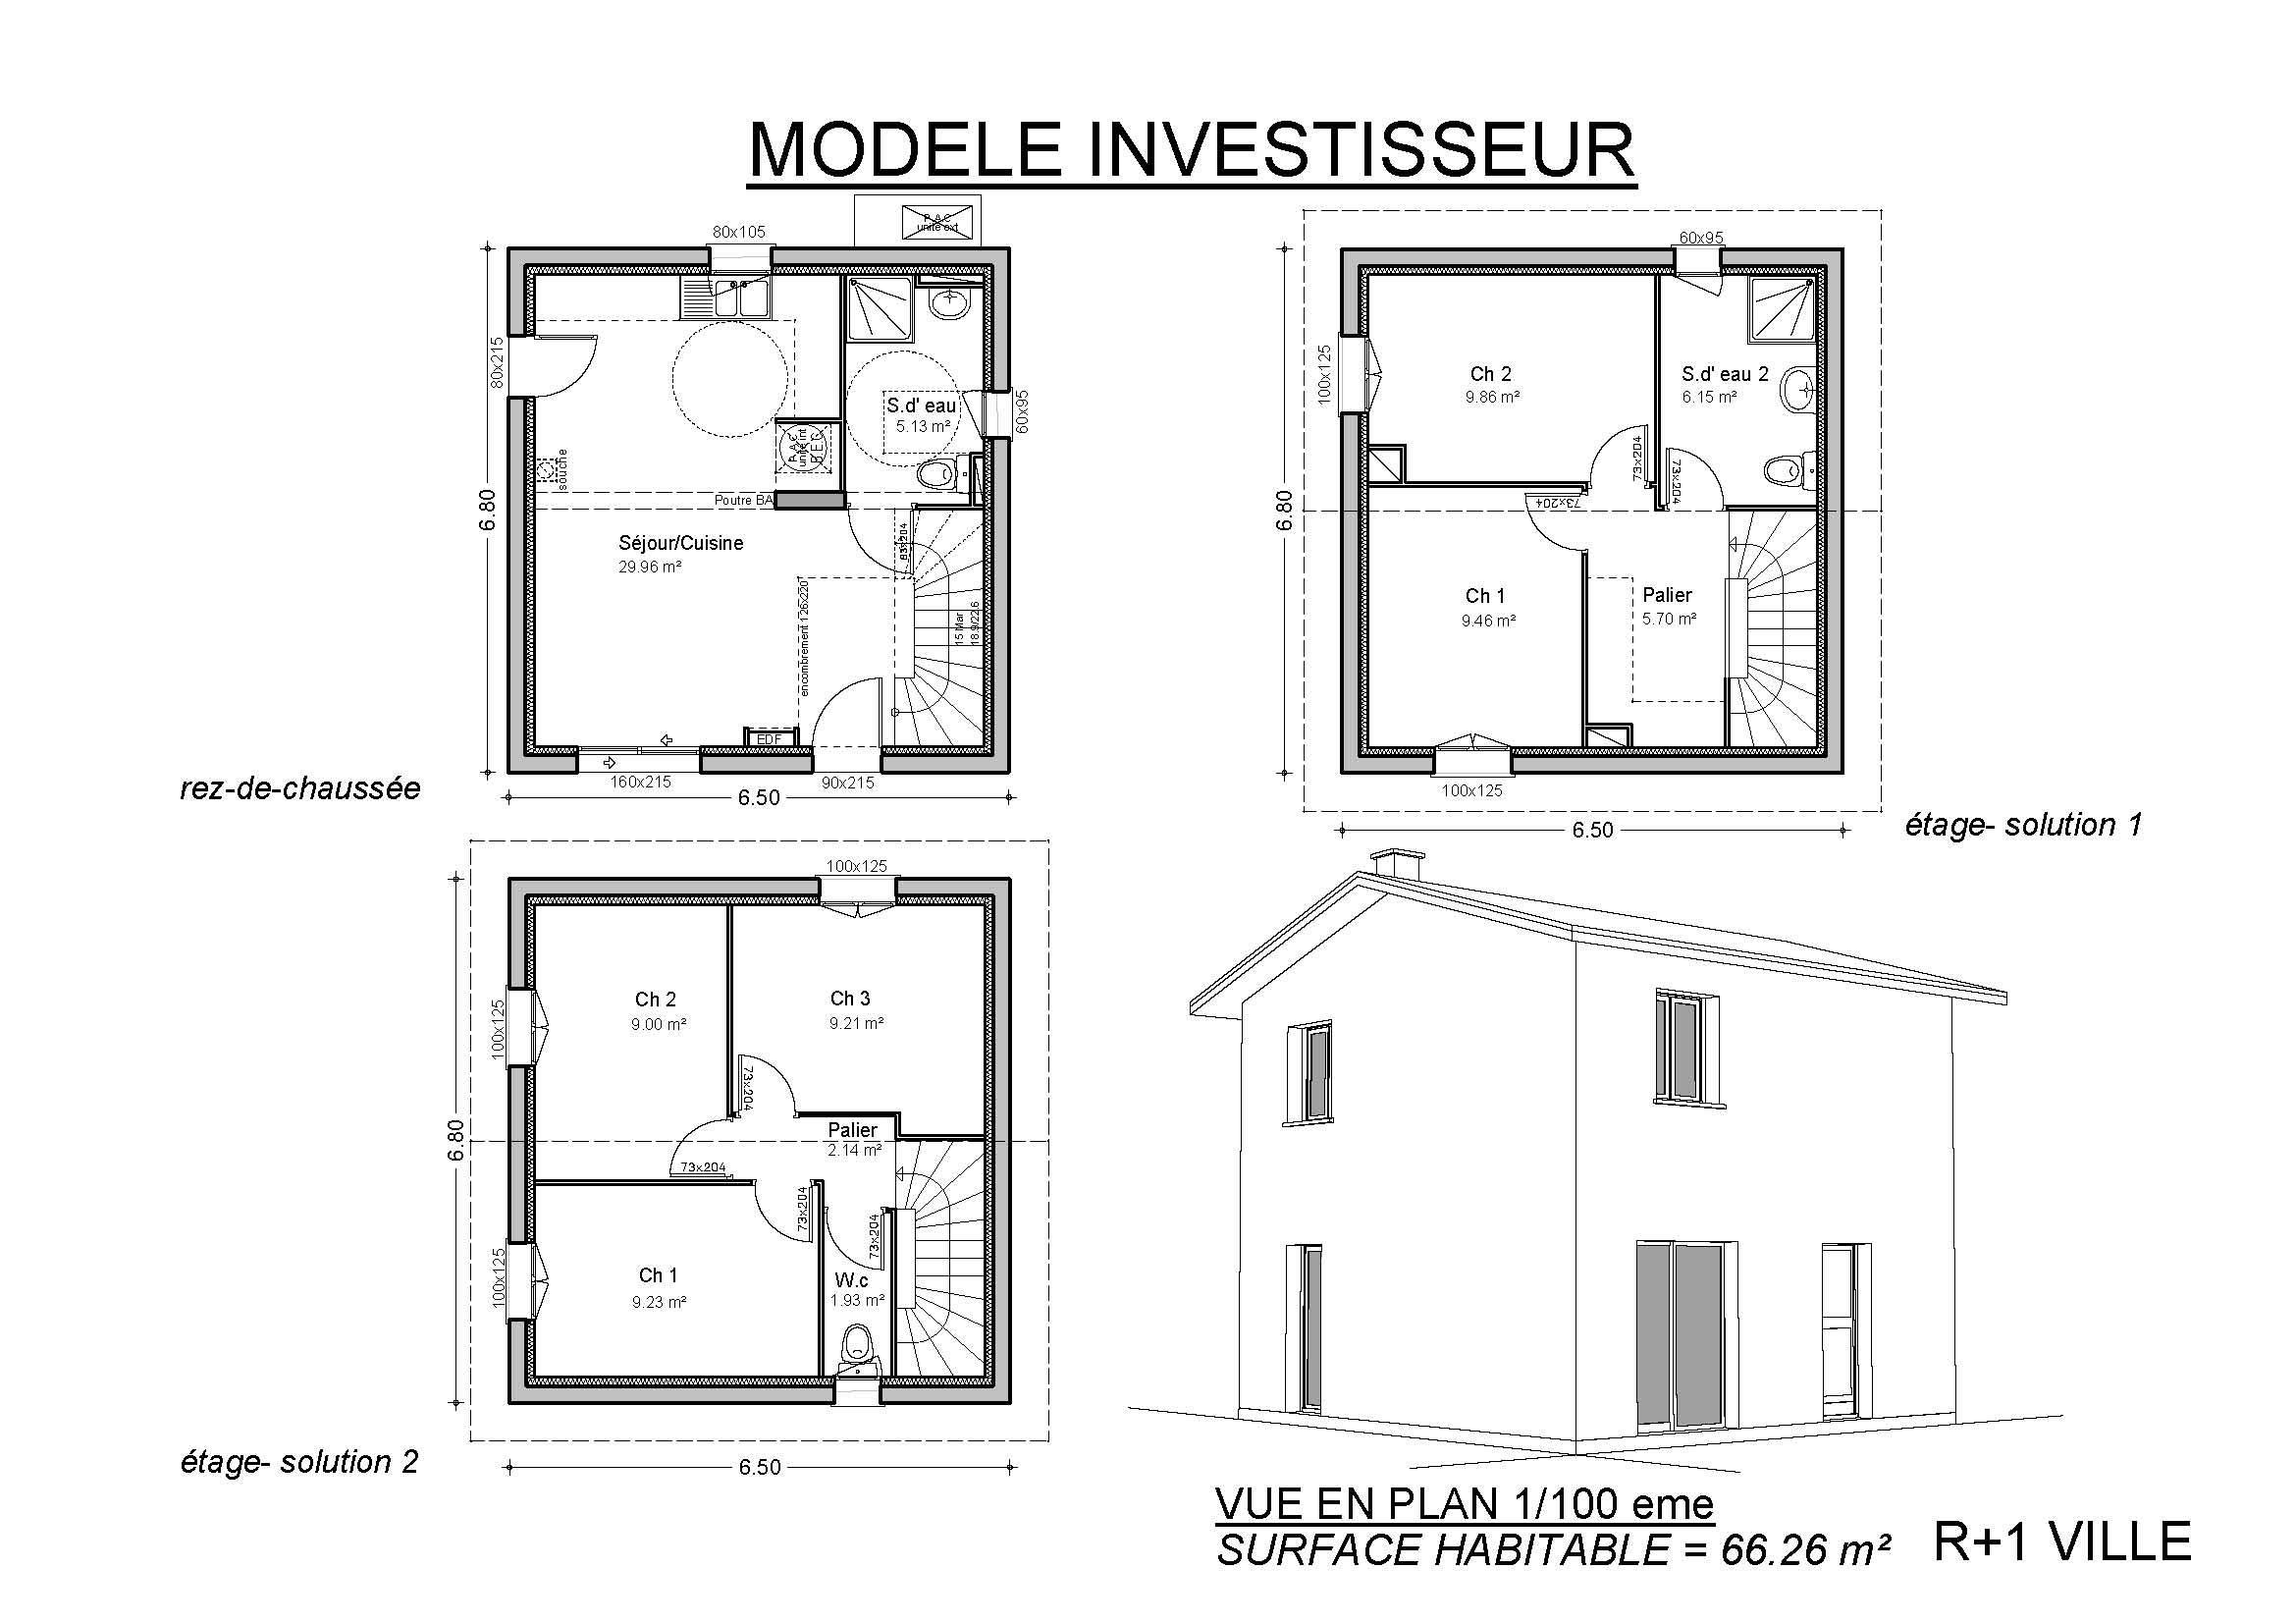 Modele de plan de maison maison moderne for Plan maison modele